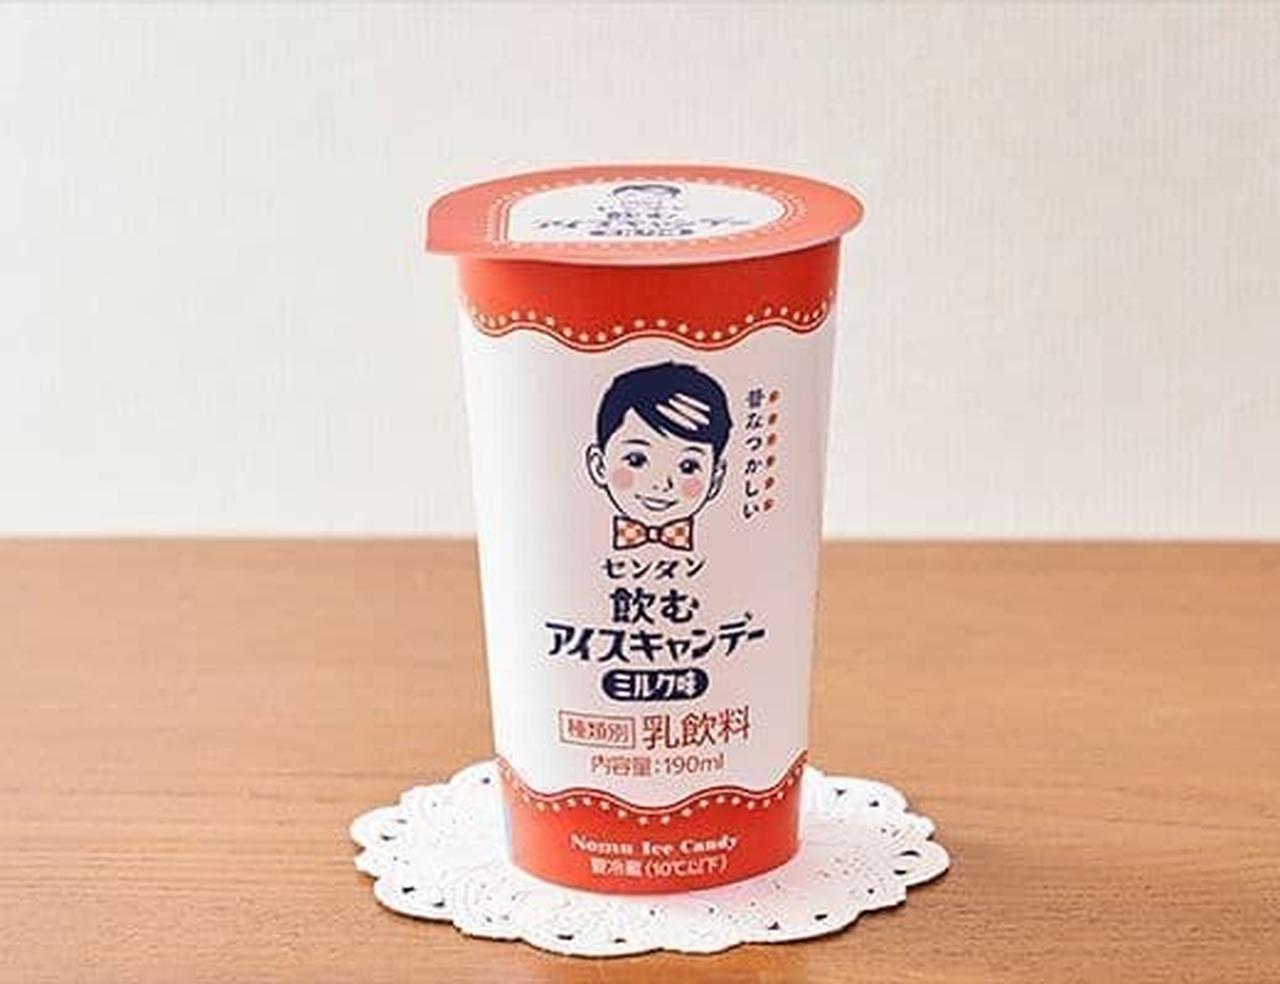 ローソン「センタン 飲むアイスキャンデー ミルク味」